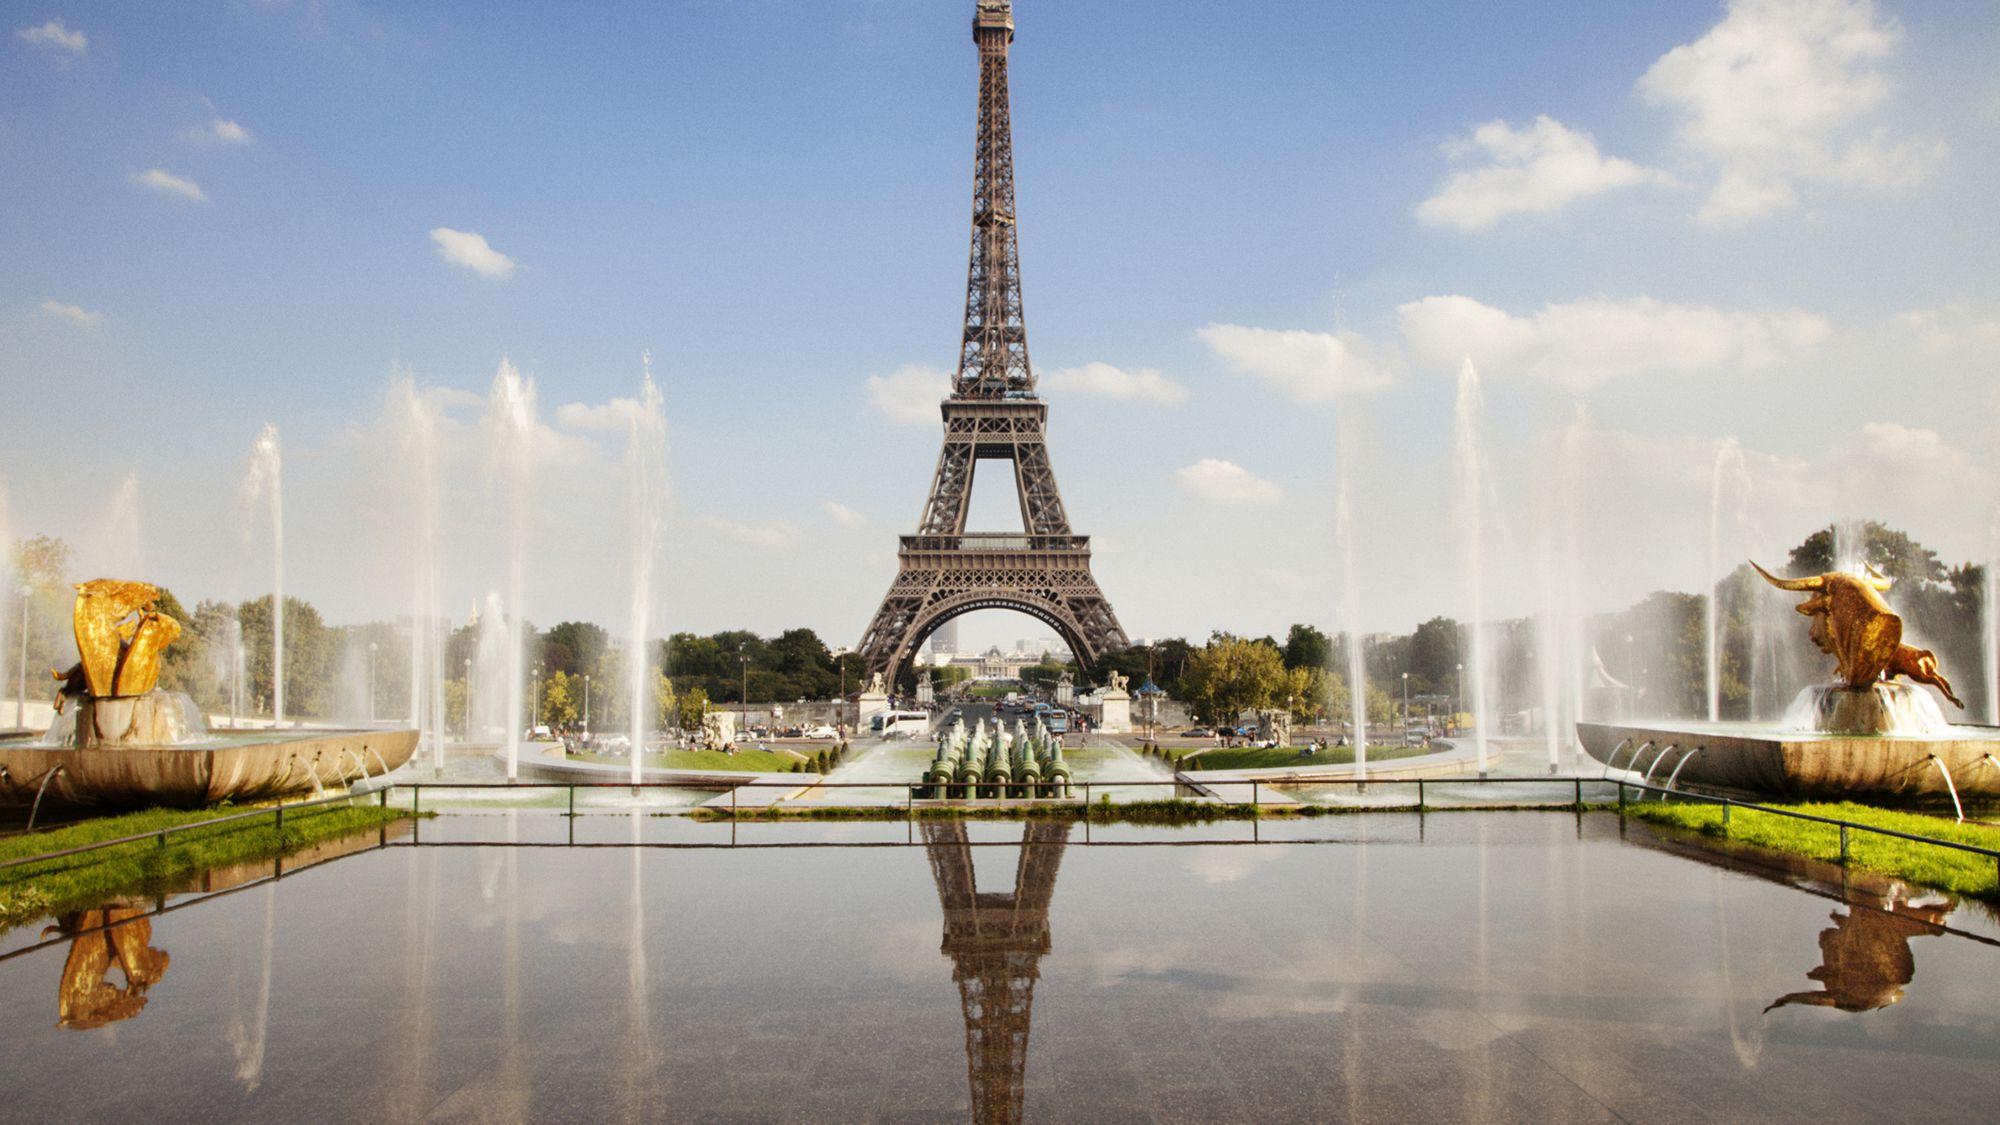 نمایی از برج ایفل در بهترین تورهای فرانسه